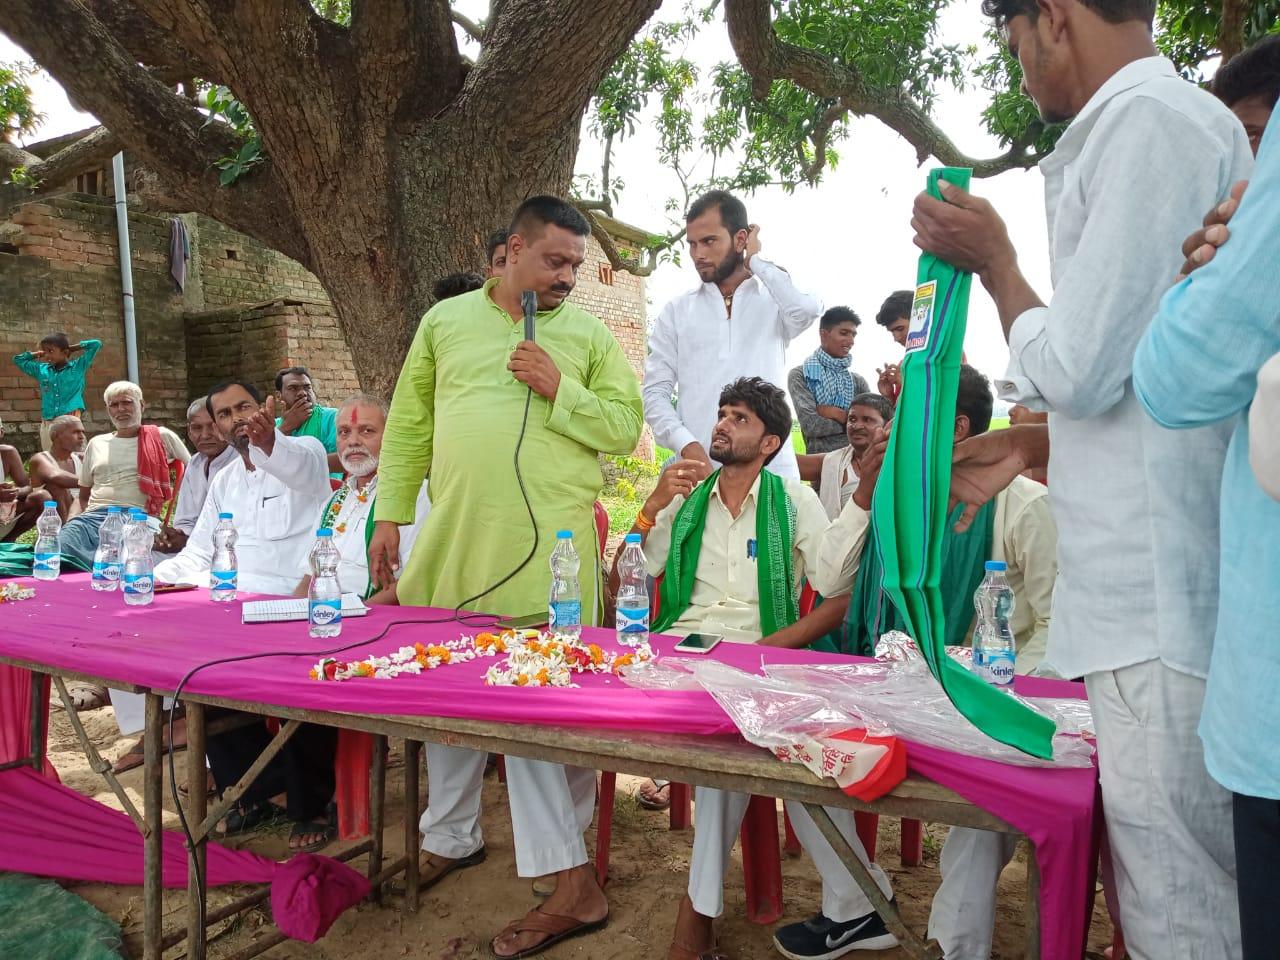 एनडीए सरकार में स्वास्थ्य और शिक्षा चौपट: रवि यादव